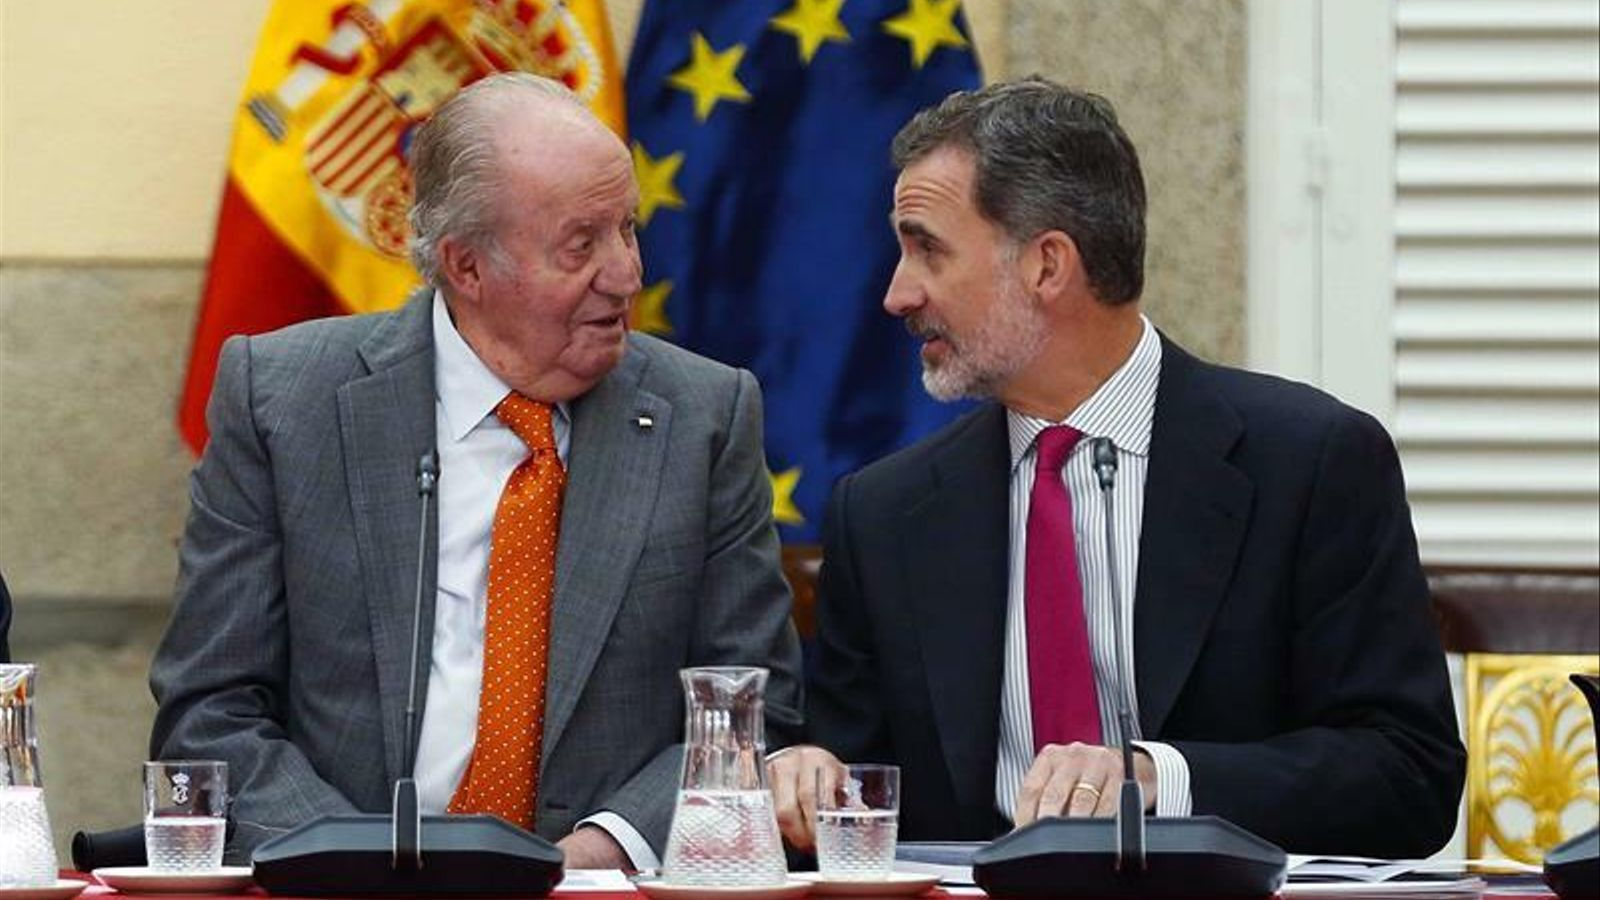 Joan Carles I abandona Espanya acorralat per les sospites de corrupció